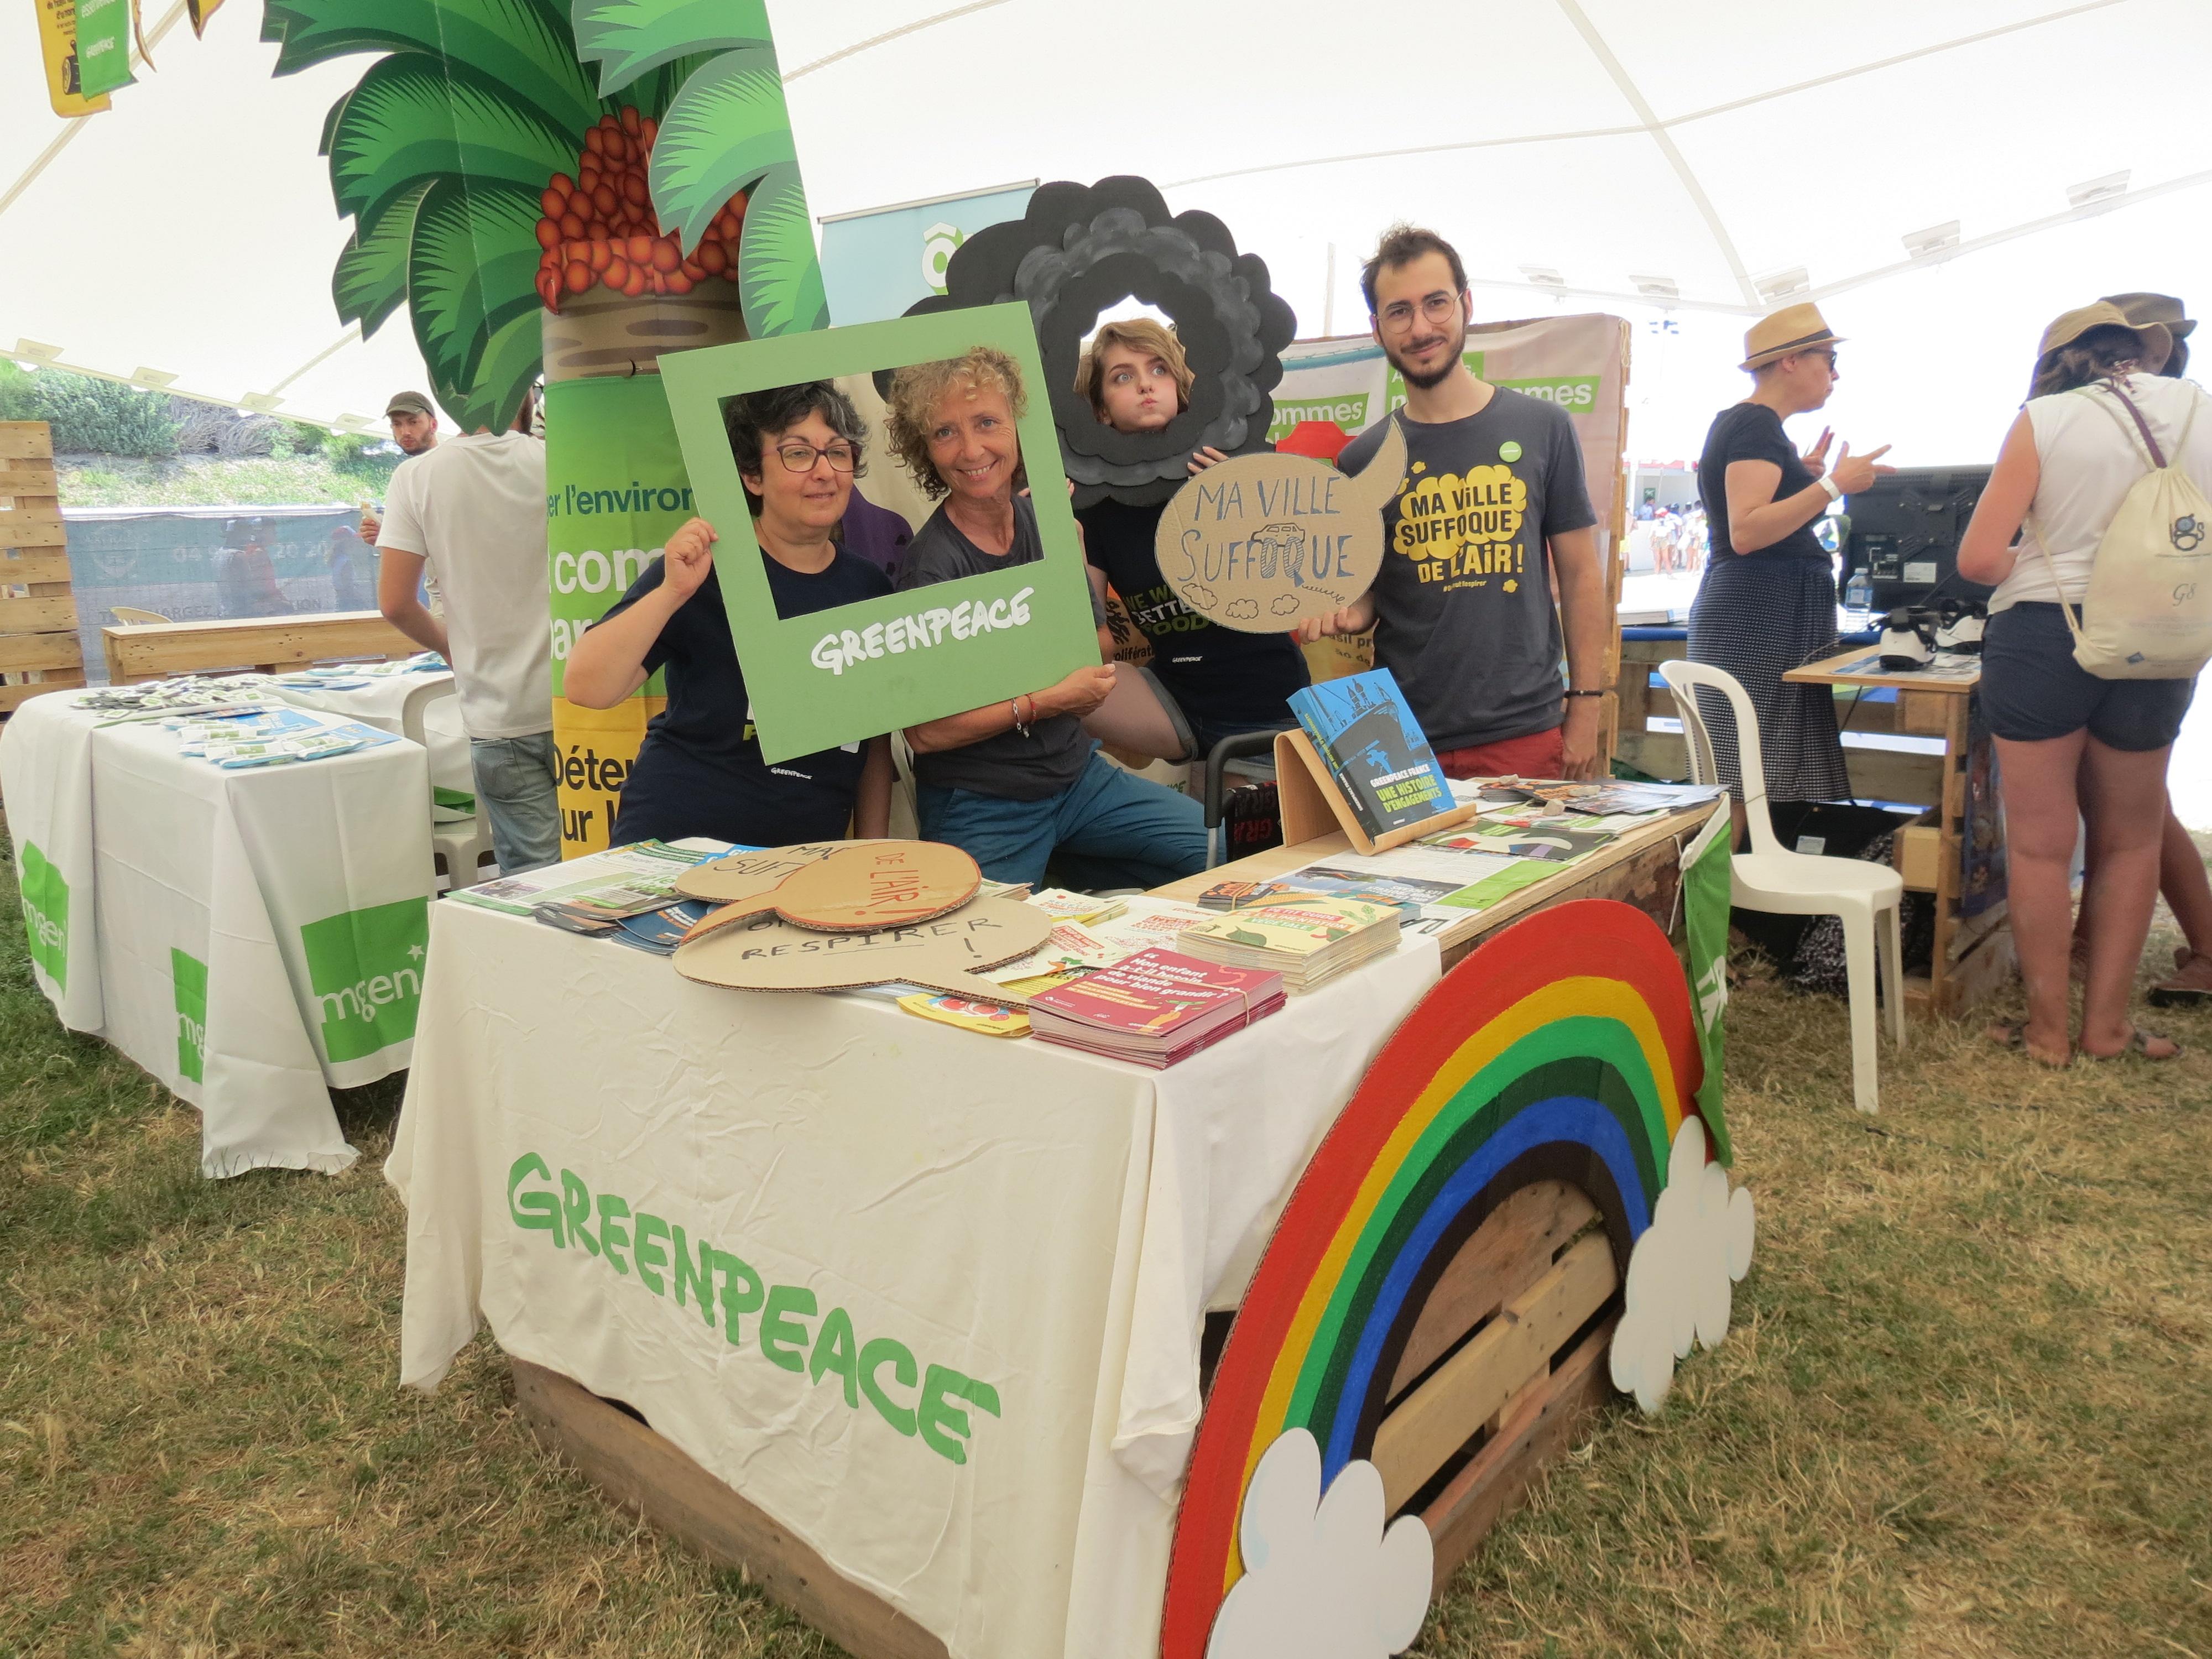 Militants Greenpeace au DELTA Festival